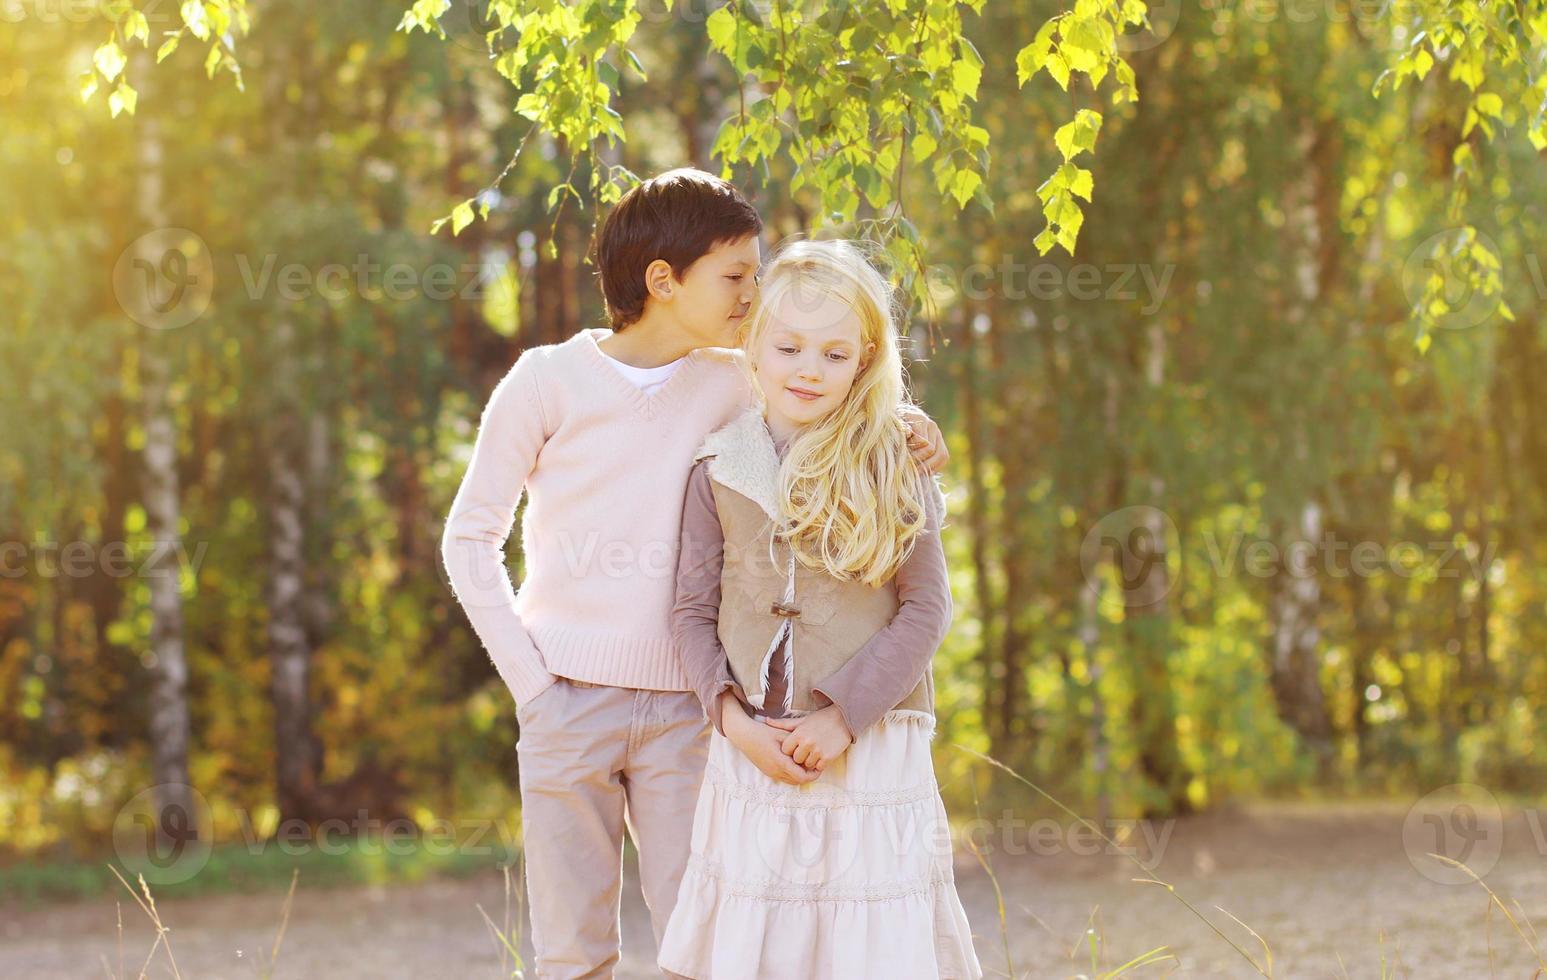 pareja de adolescentes en día de otoño foto